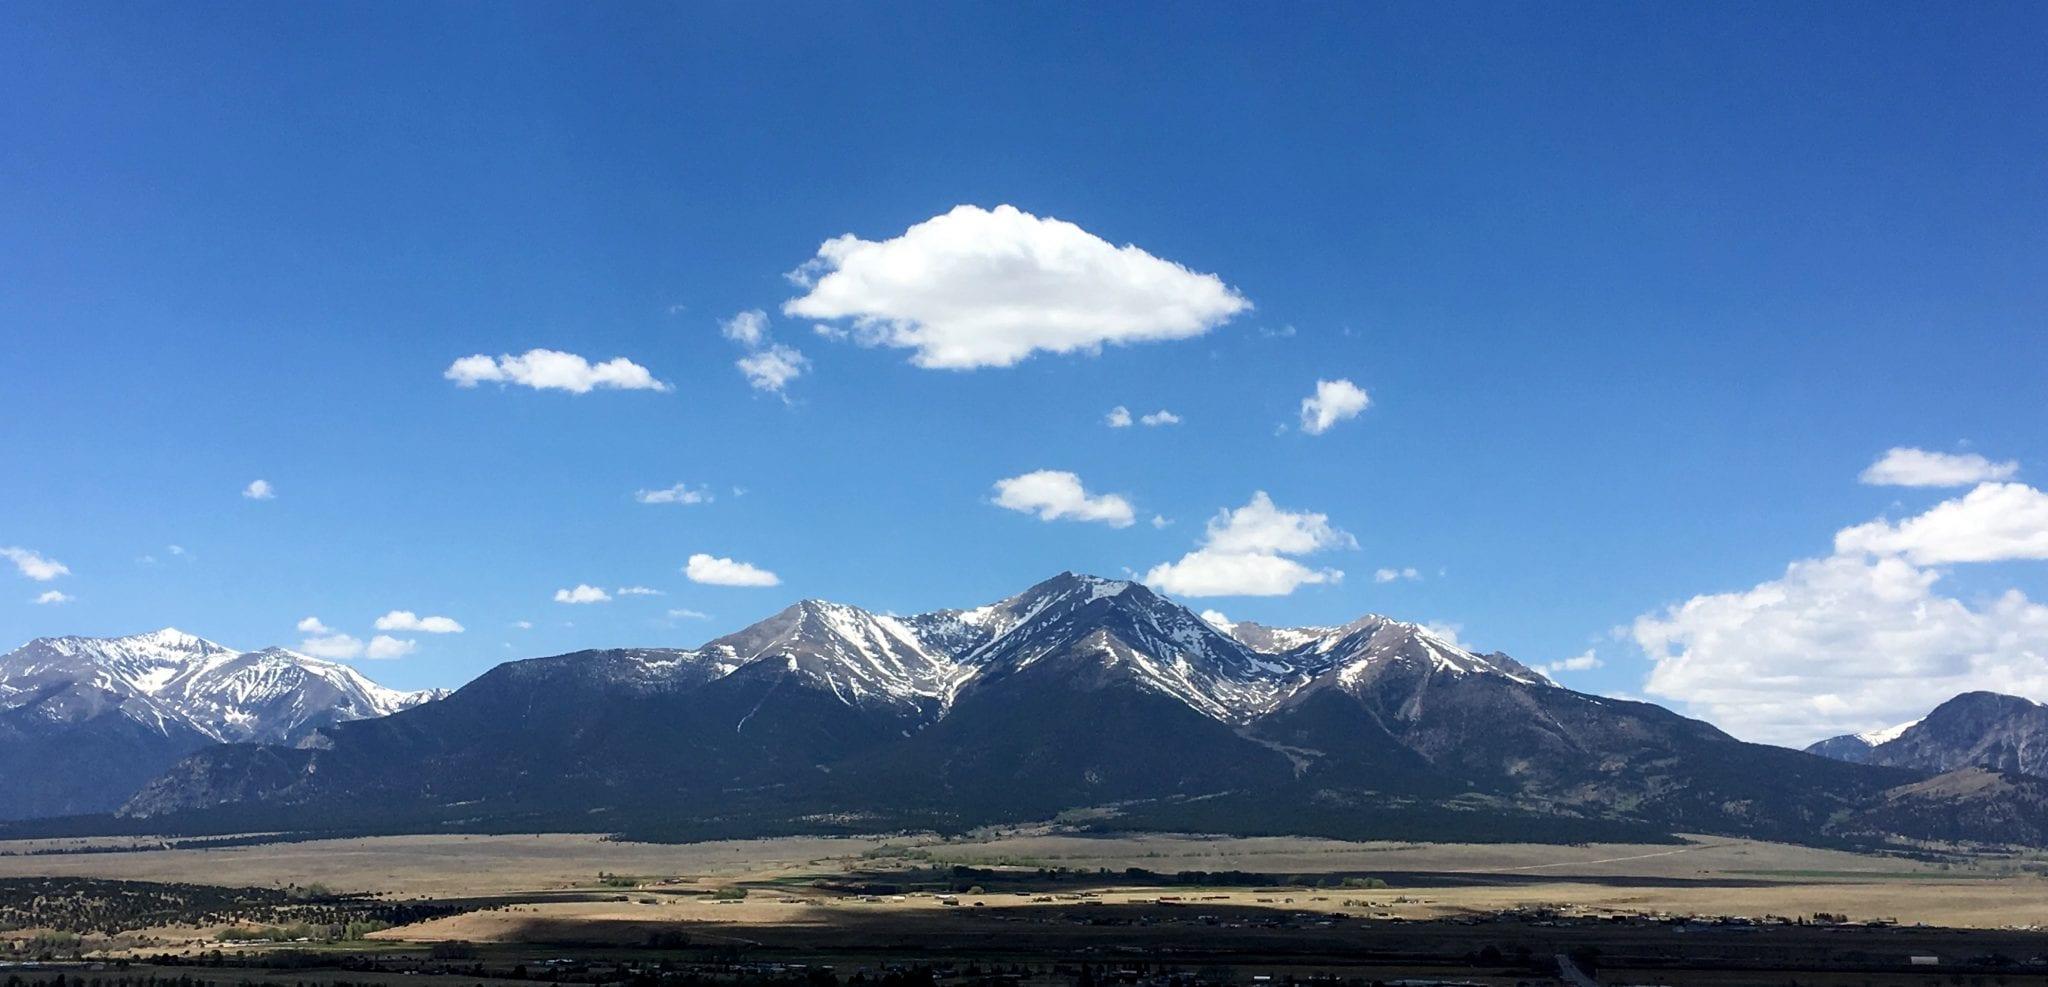 The Collegiate Peaks